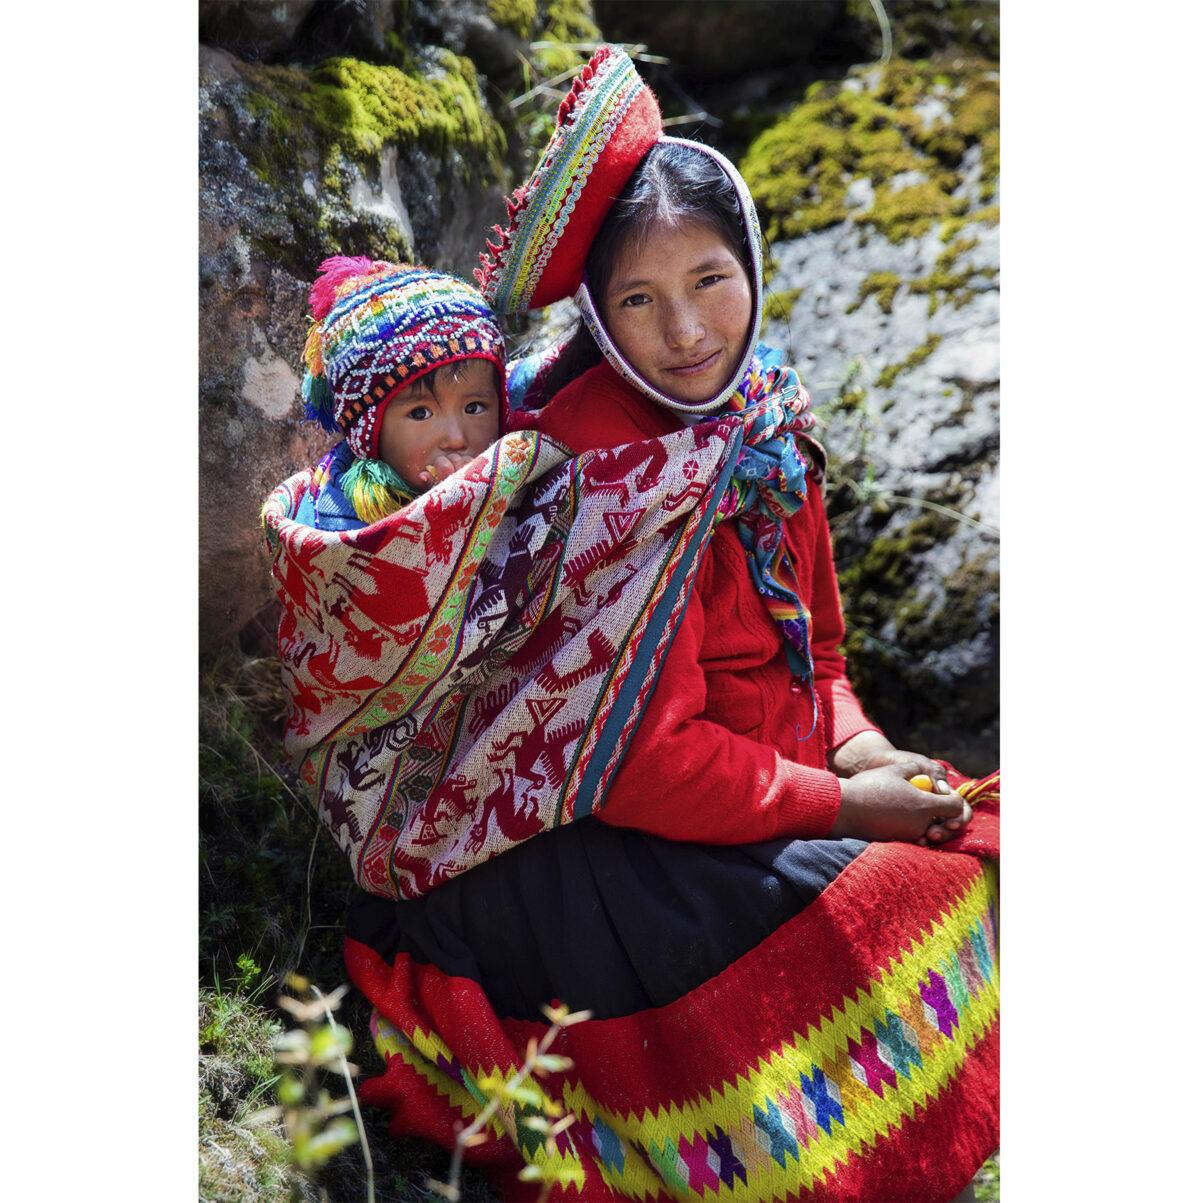 Madre in Perù